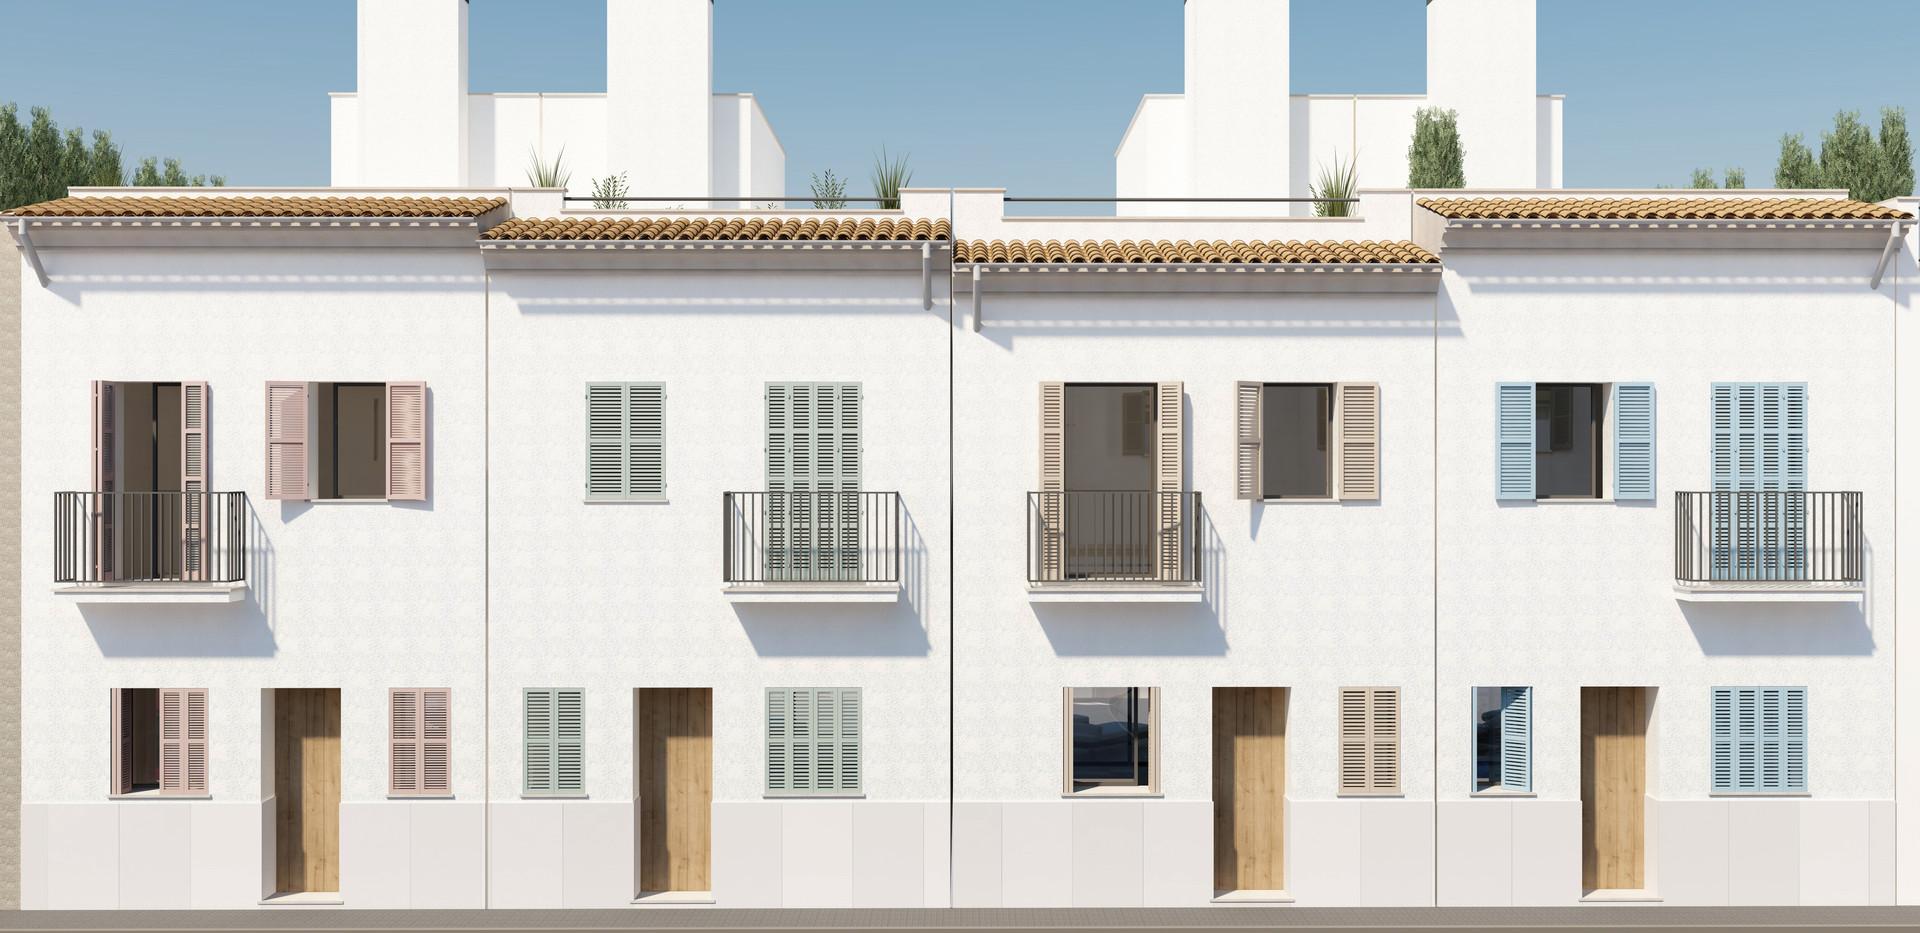 Moragues skyline (2020) - ALTA.jpg